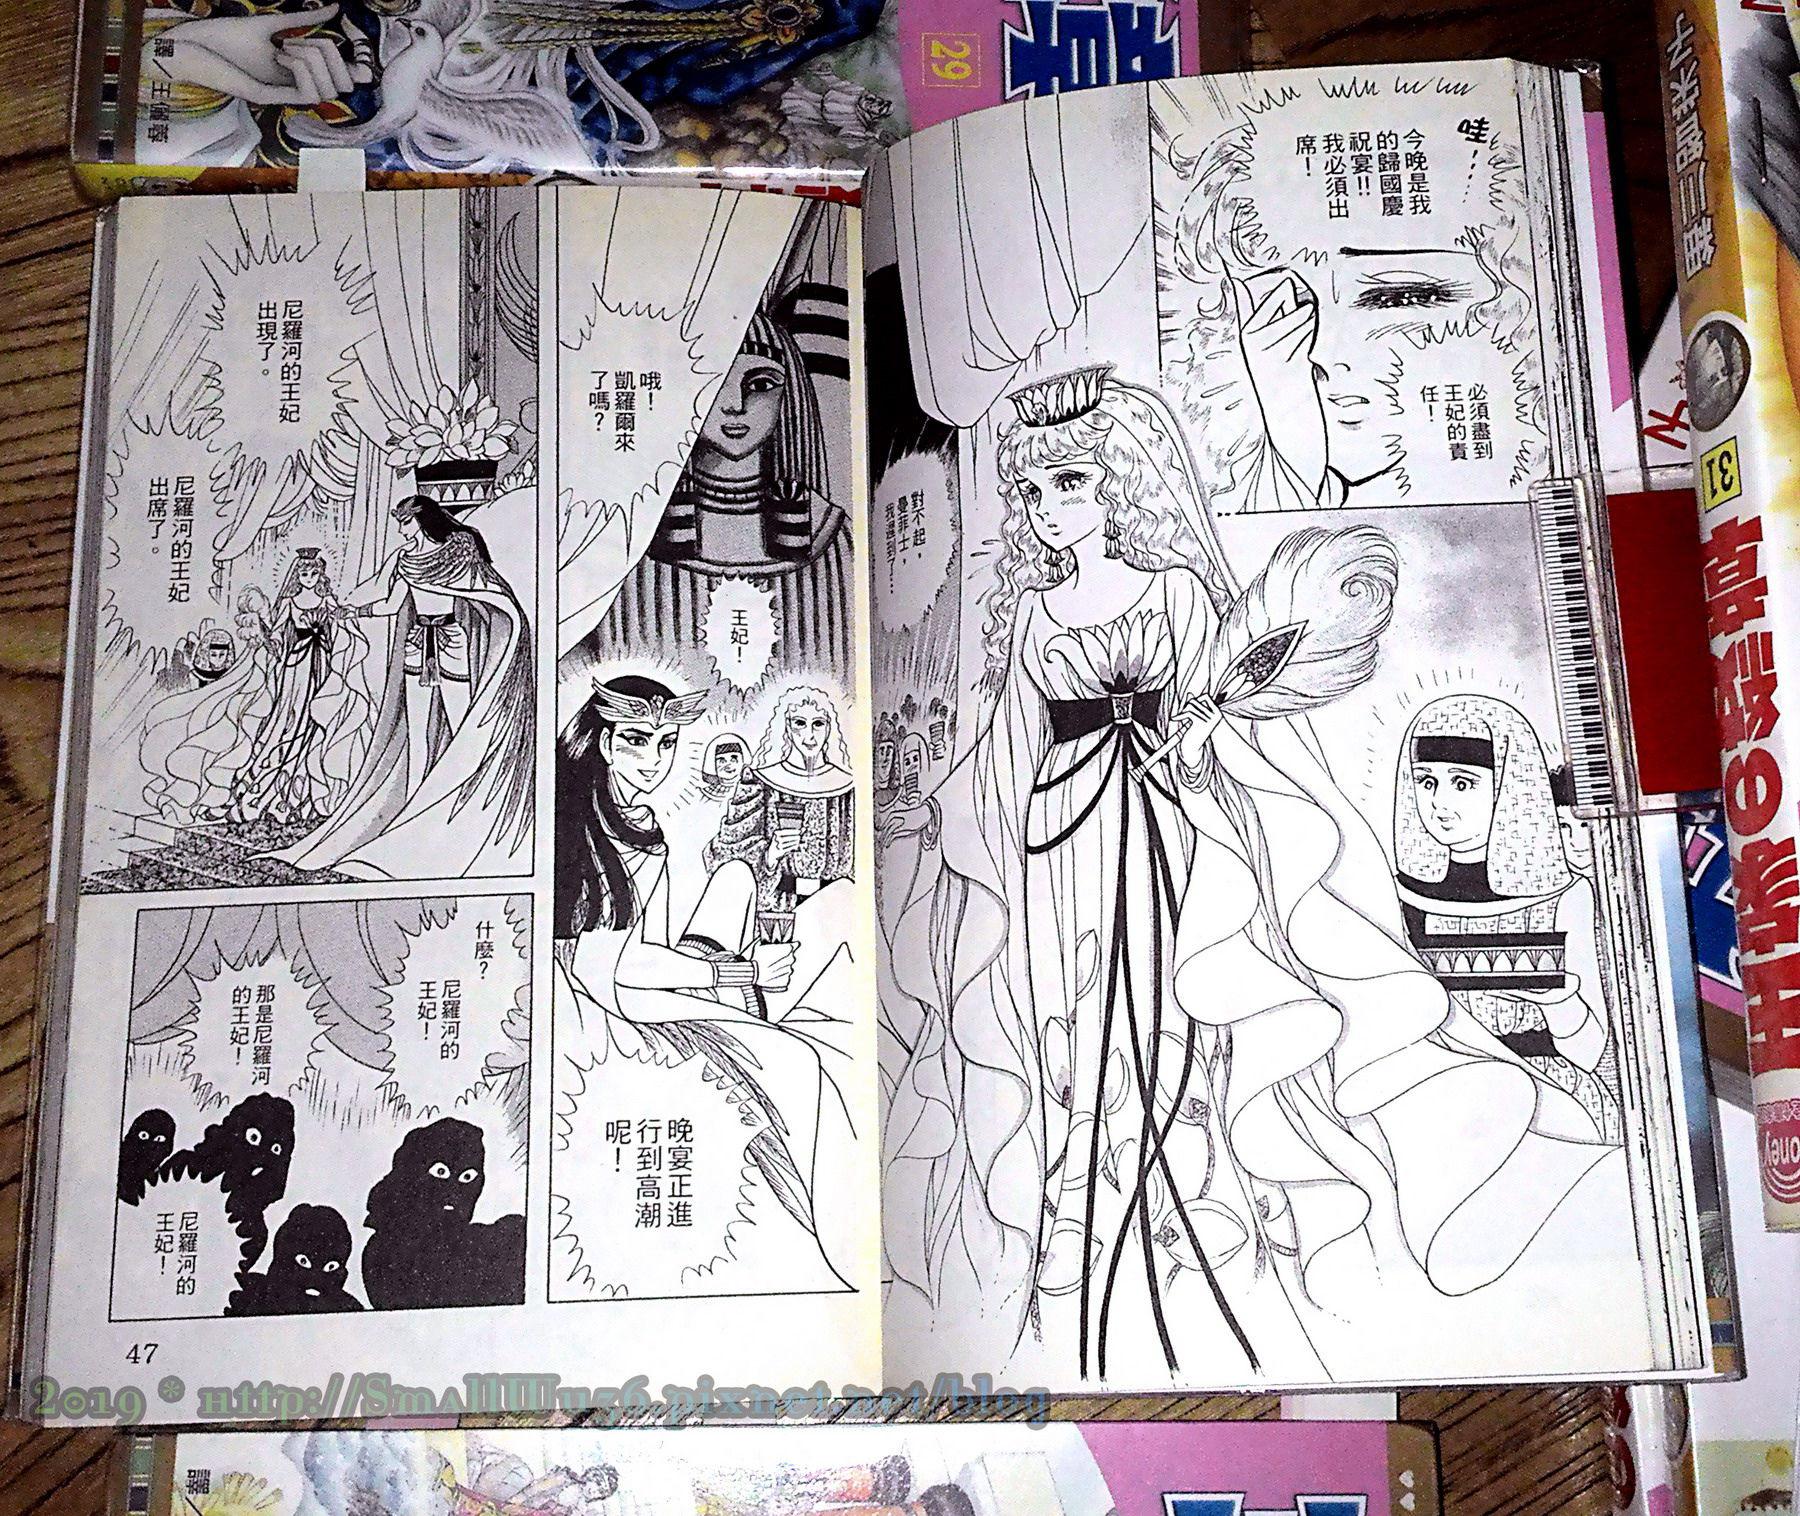 細川智榮子-王家的紋章(尼羅河女兒) 28-35 (長鴻)  vol_30 -1.jpg